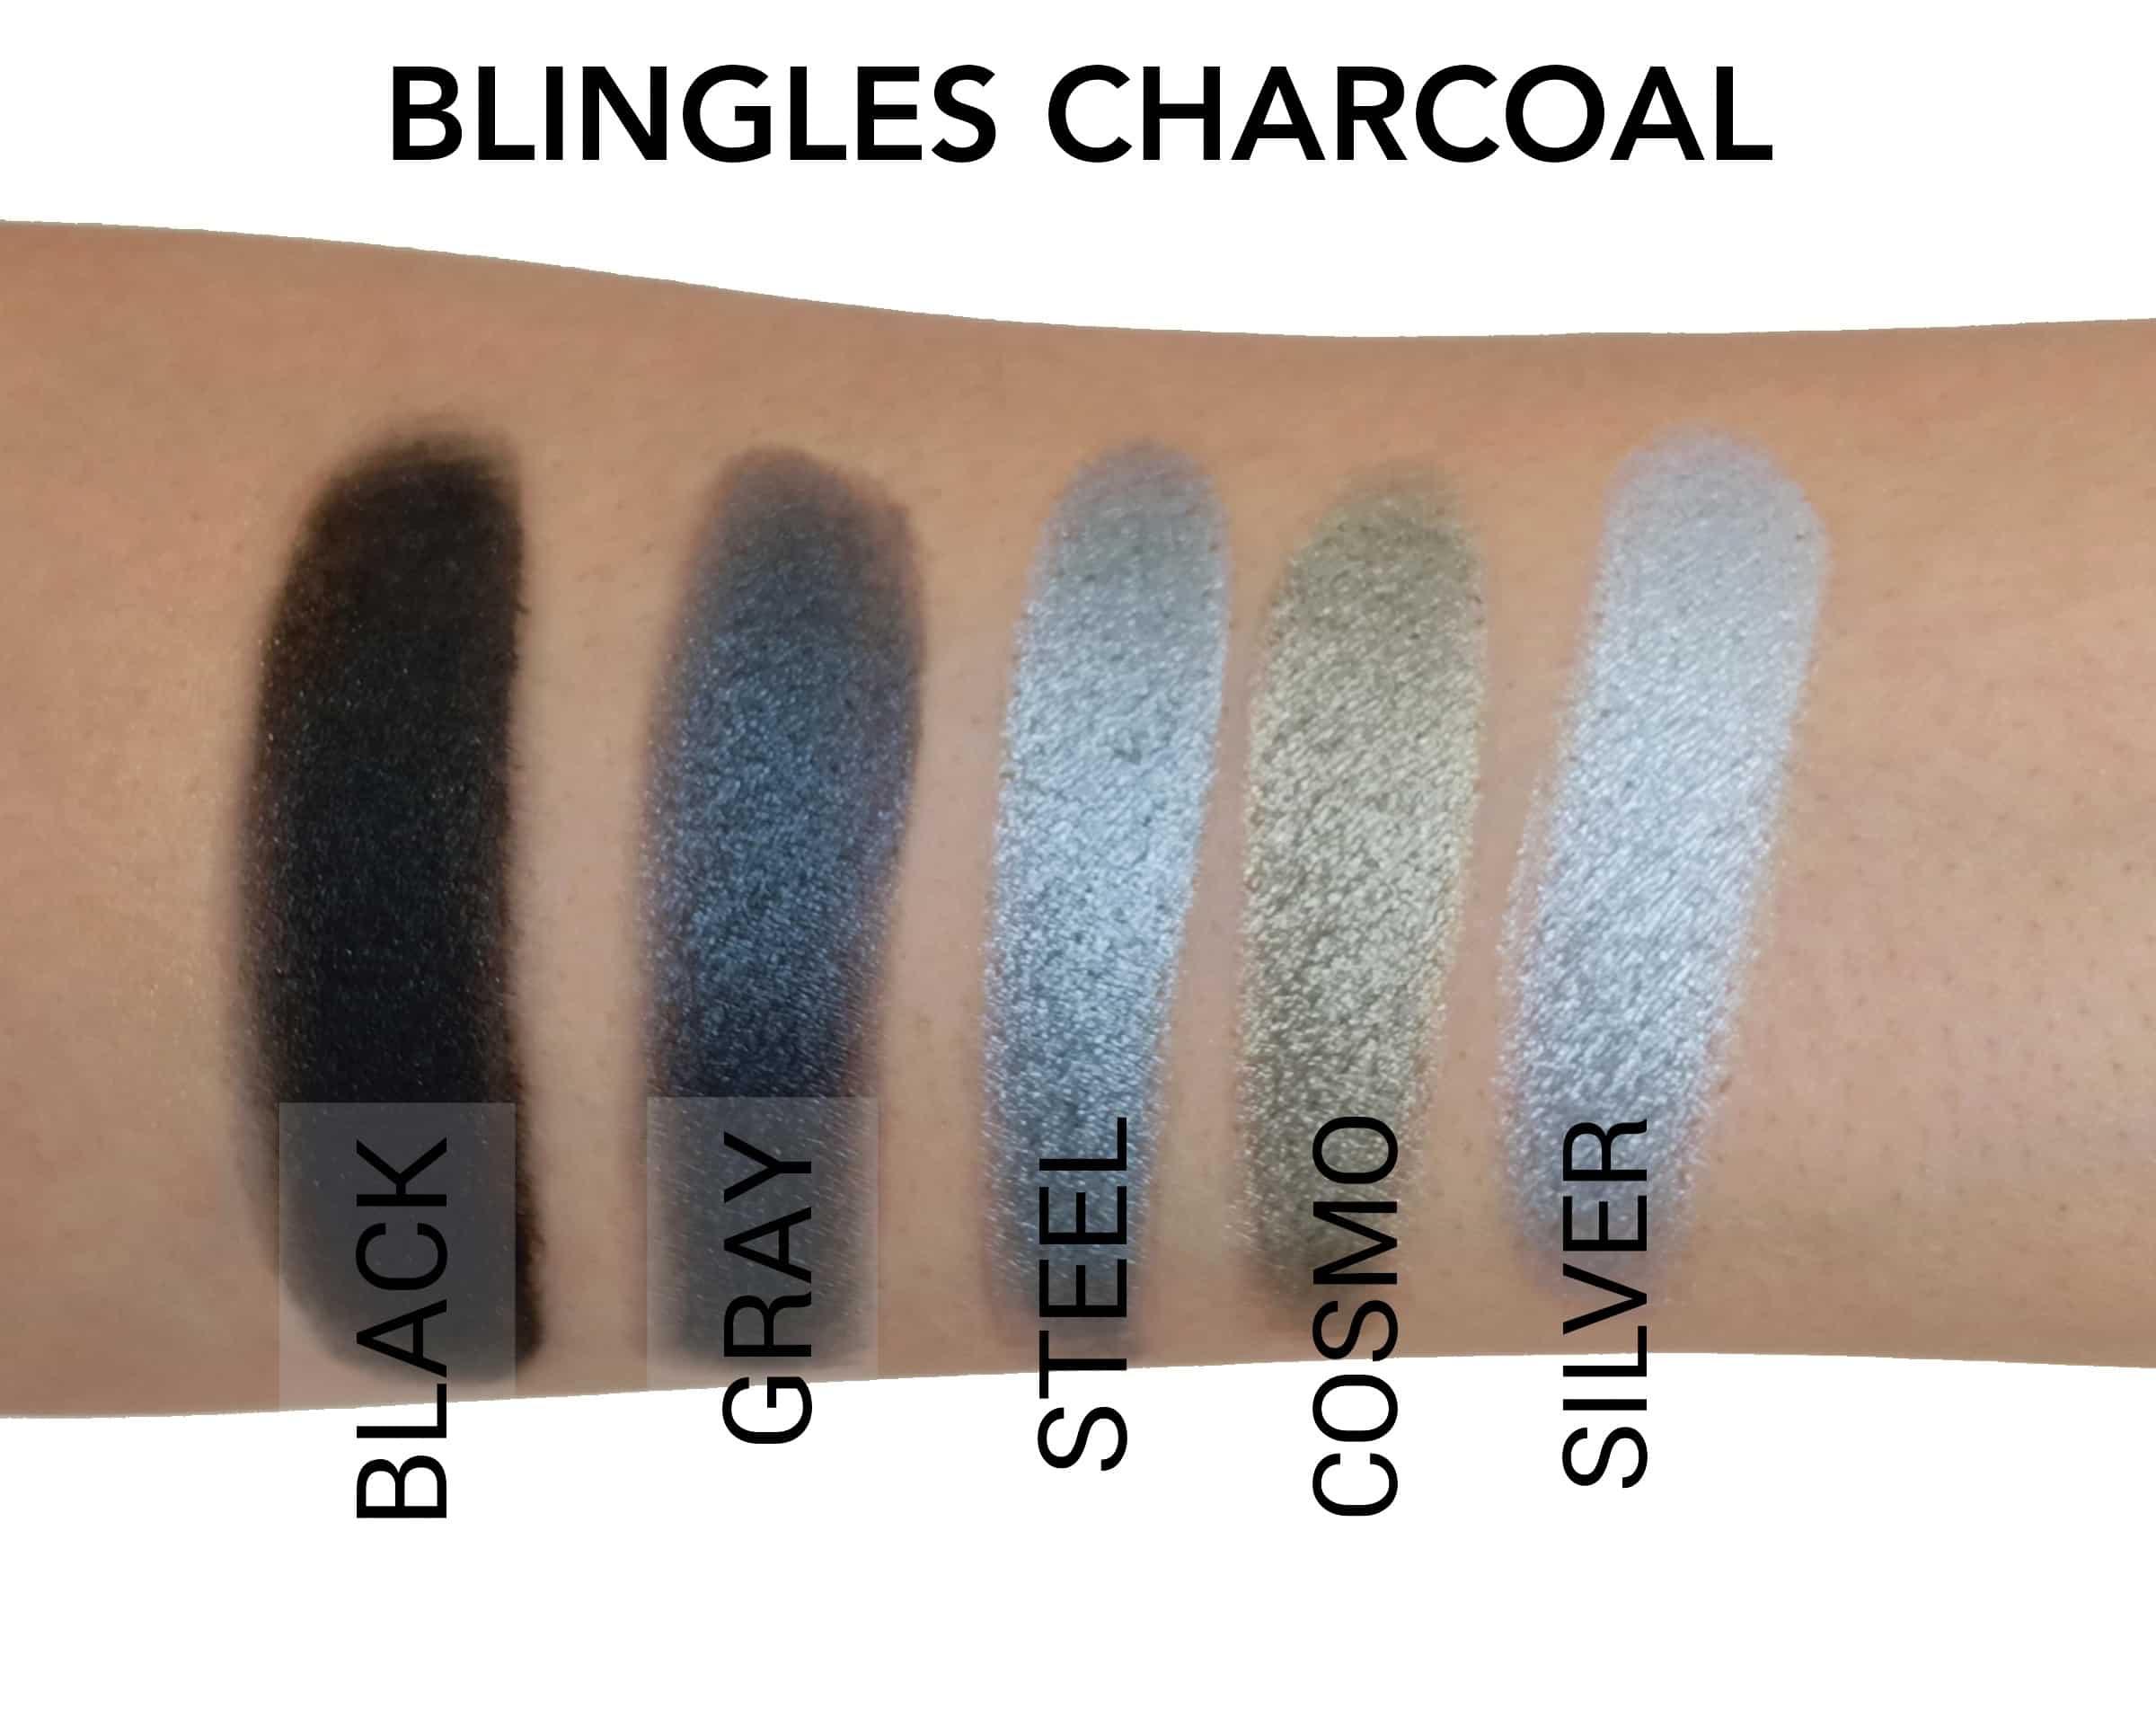 Blingles-CHARCOAL-min